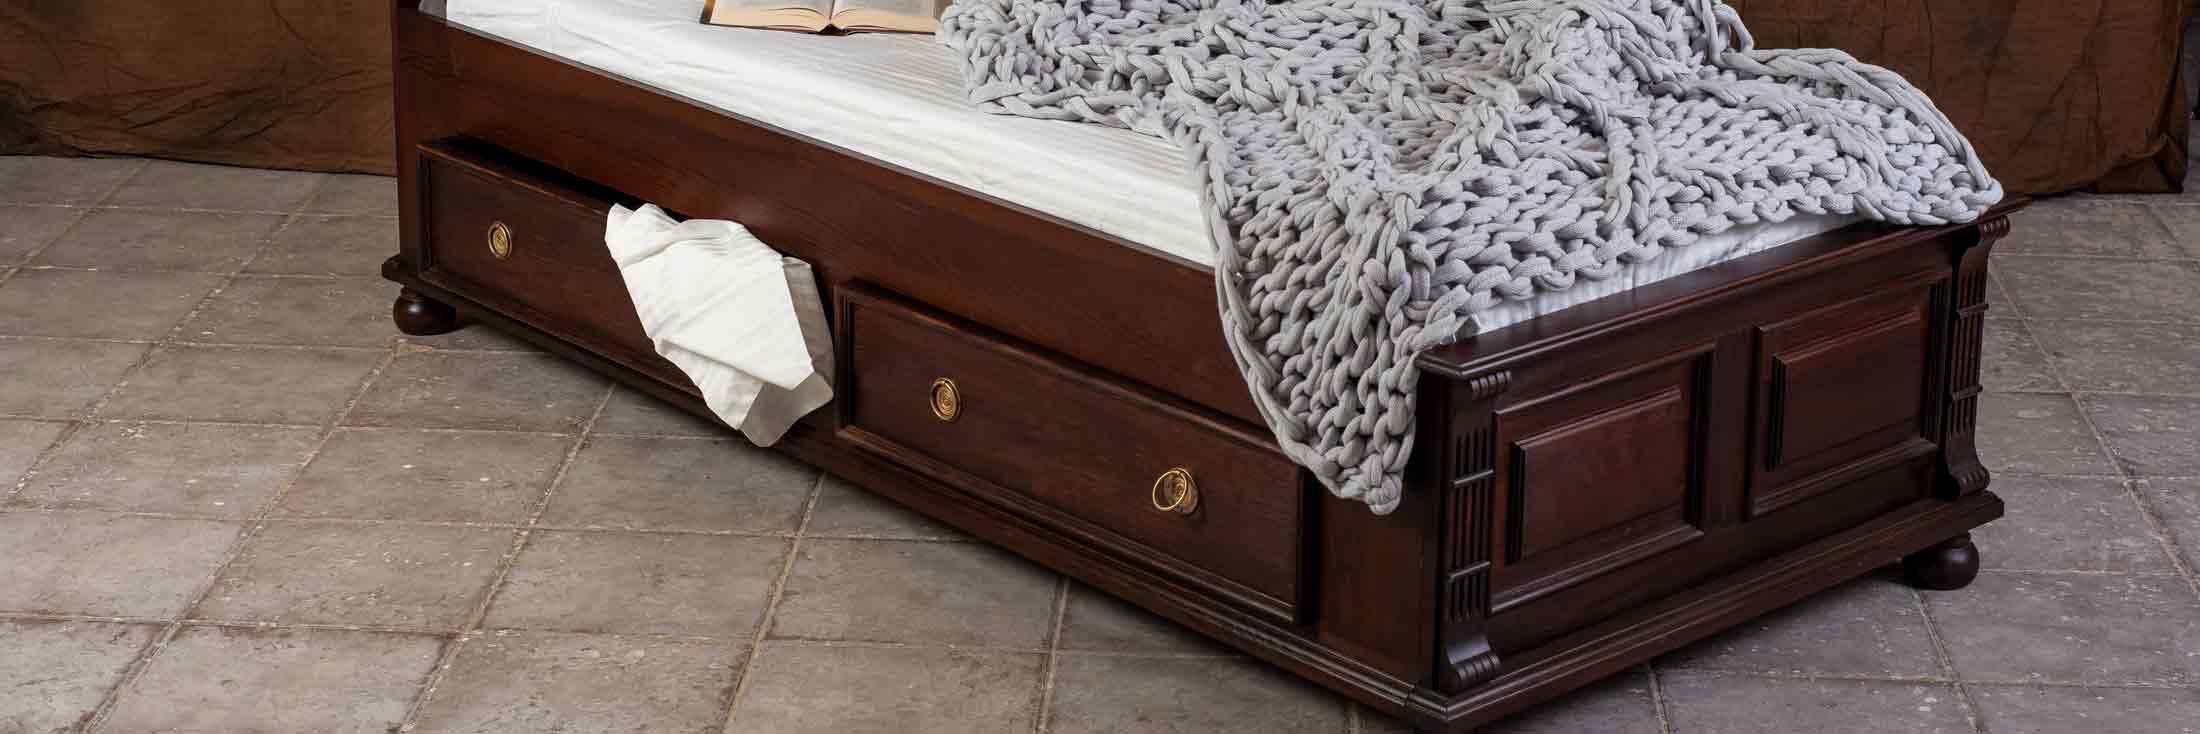 landhausbett kolonial dunkelbraun kirschfarben mit schubladen cottage country aus polen moebel. Black Bedroom Furniture Sets. Home Design Ideas